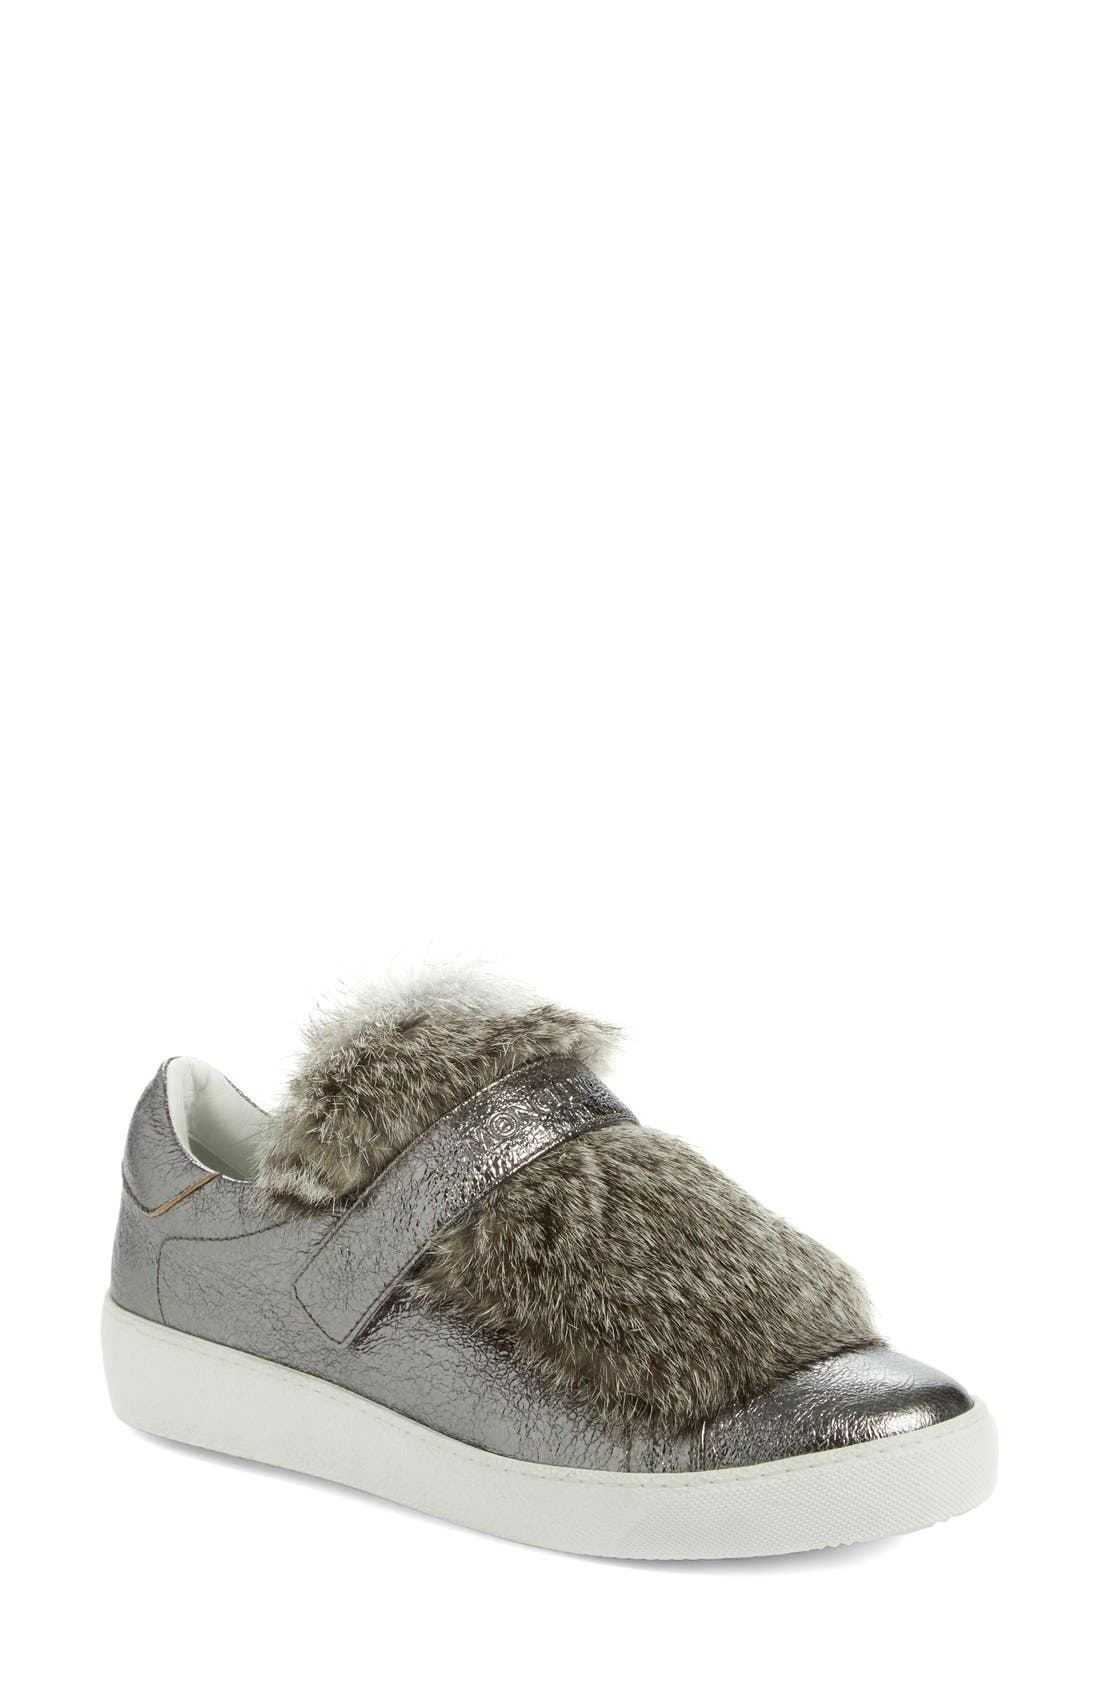 MONCLER 'Lucie Scarpa' Genuine Rabbit Fur Trim Sneaker, Main, color, 020